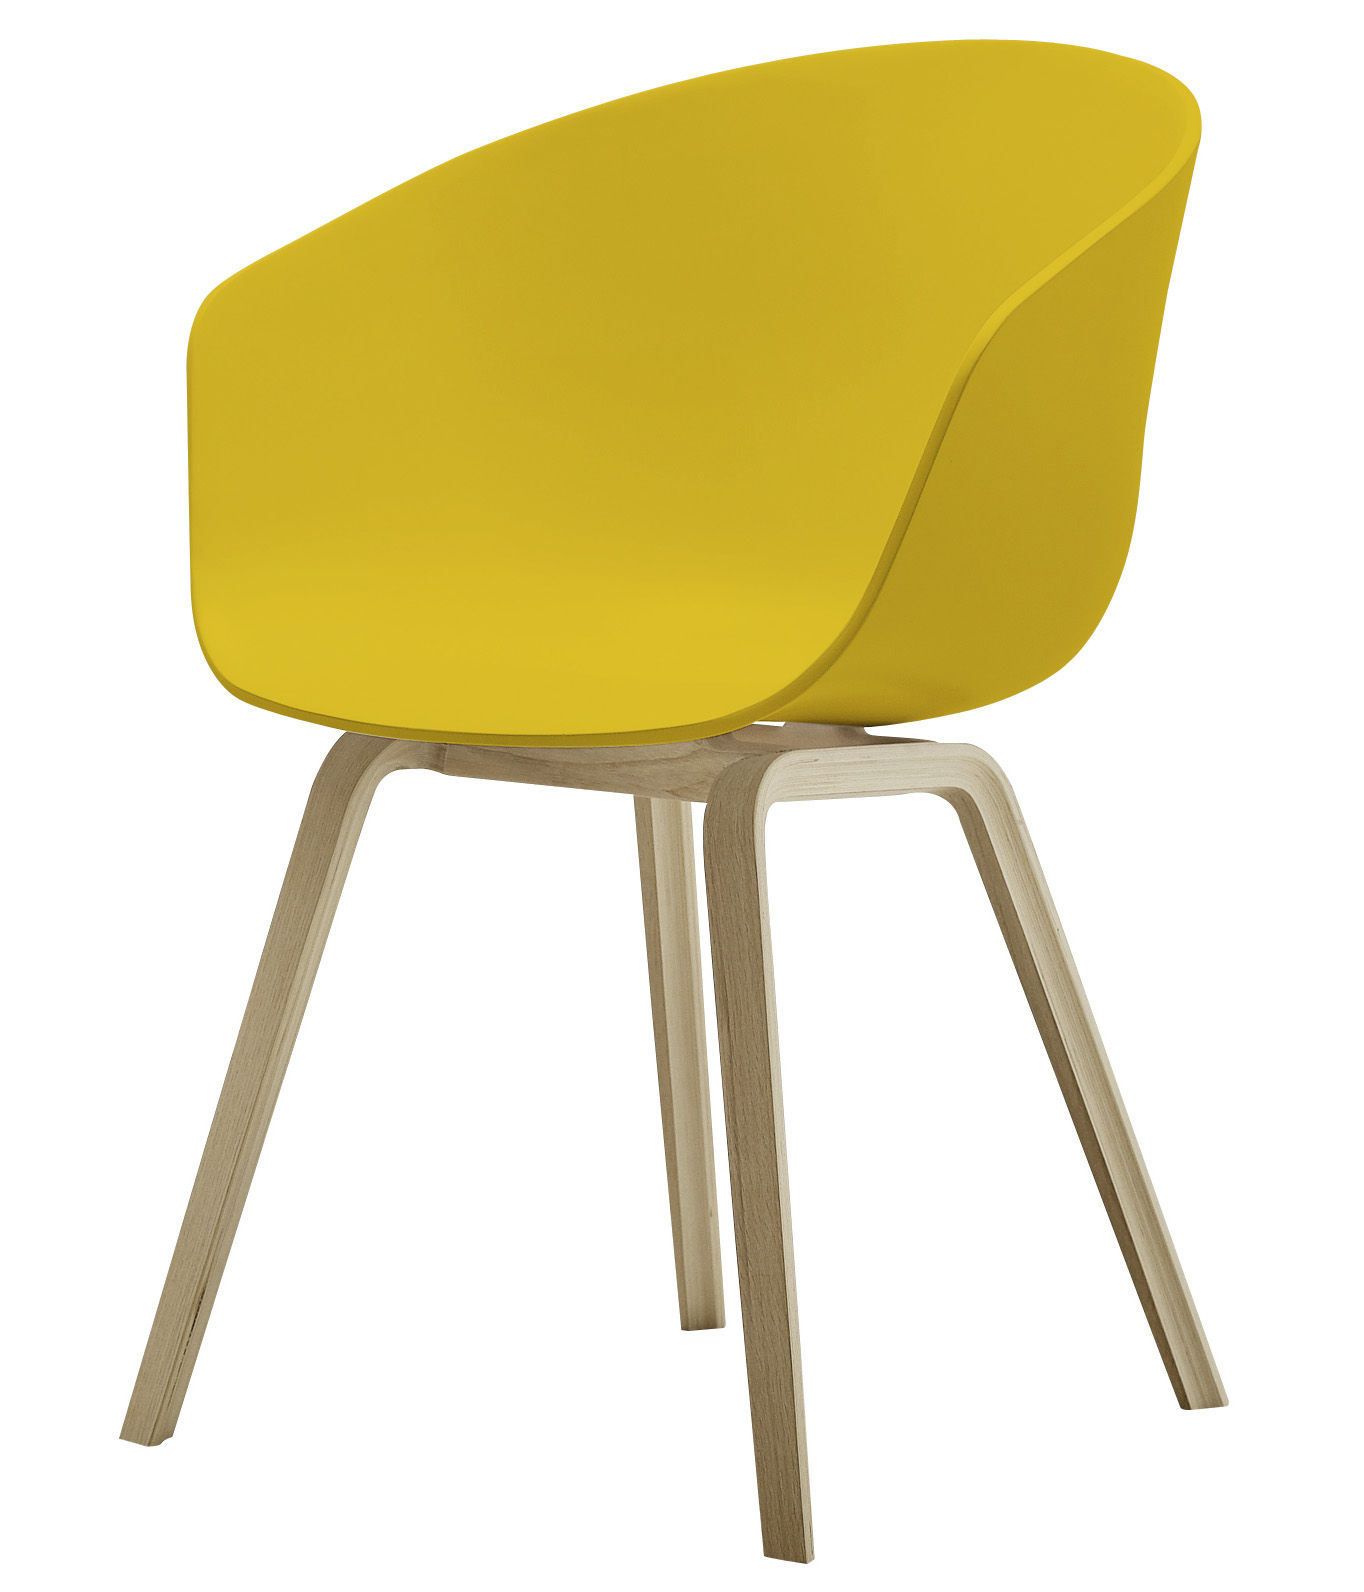 Mobilier - Chaises, fauteuils de salle à manger - Fauteuil About a chair AAC22 / Plastique & pieds bois - Hay - Moutarde / Pieds bois naturel - Chêne naturel, Polypropylène